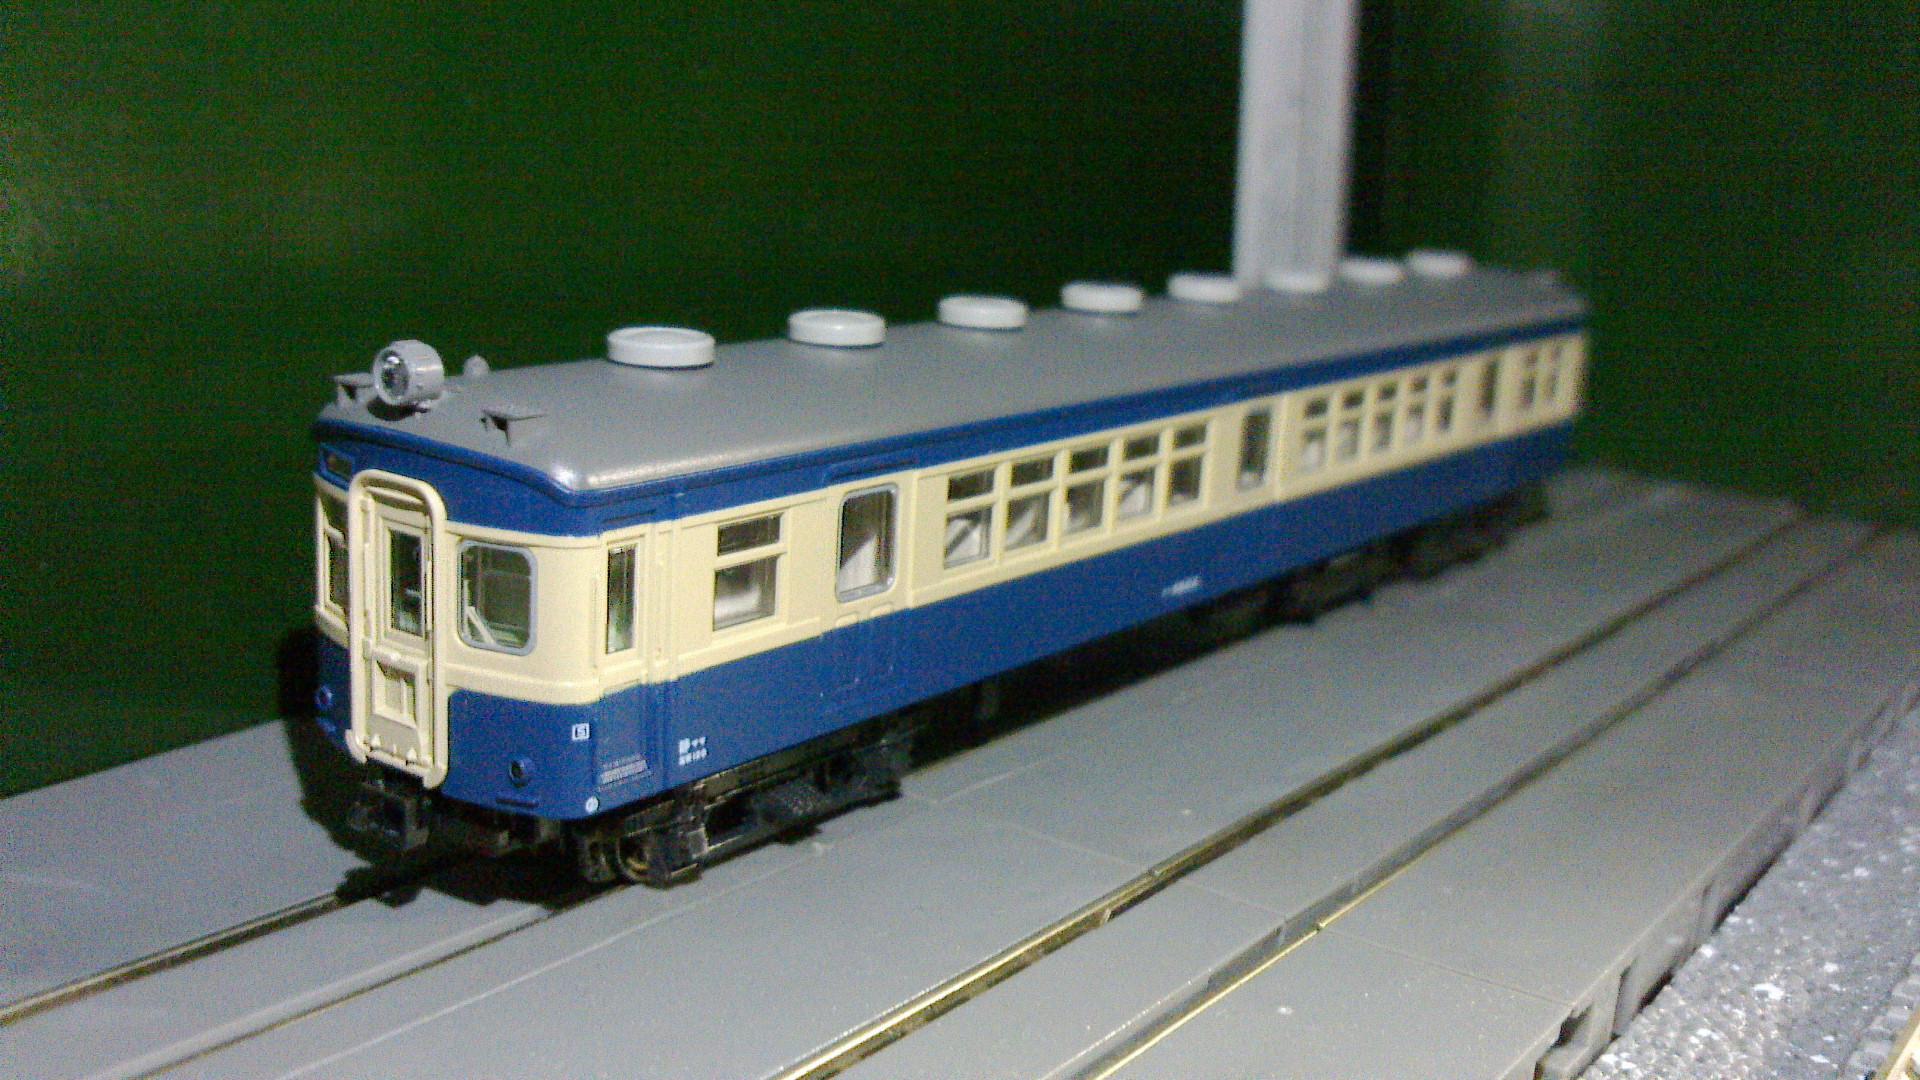 NEC_0890.jpg